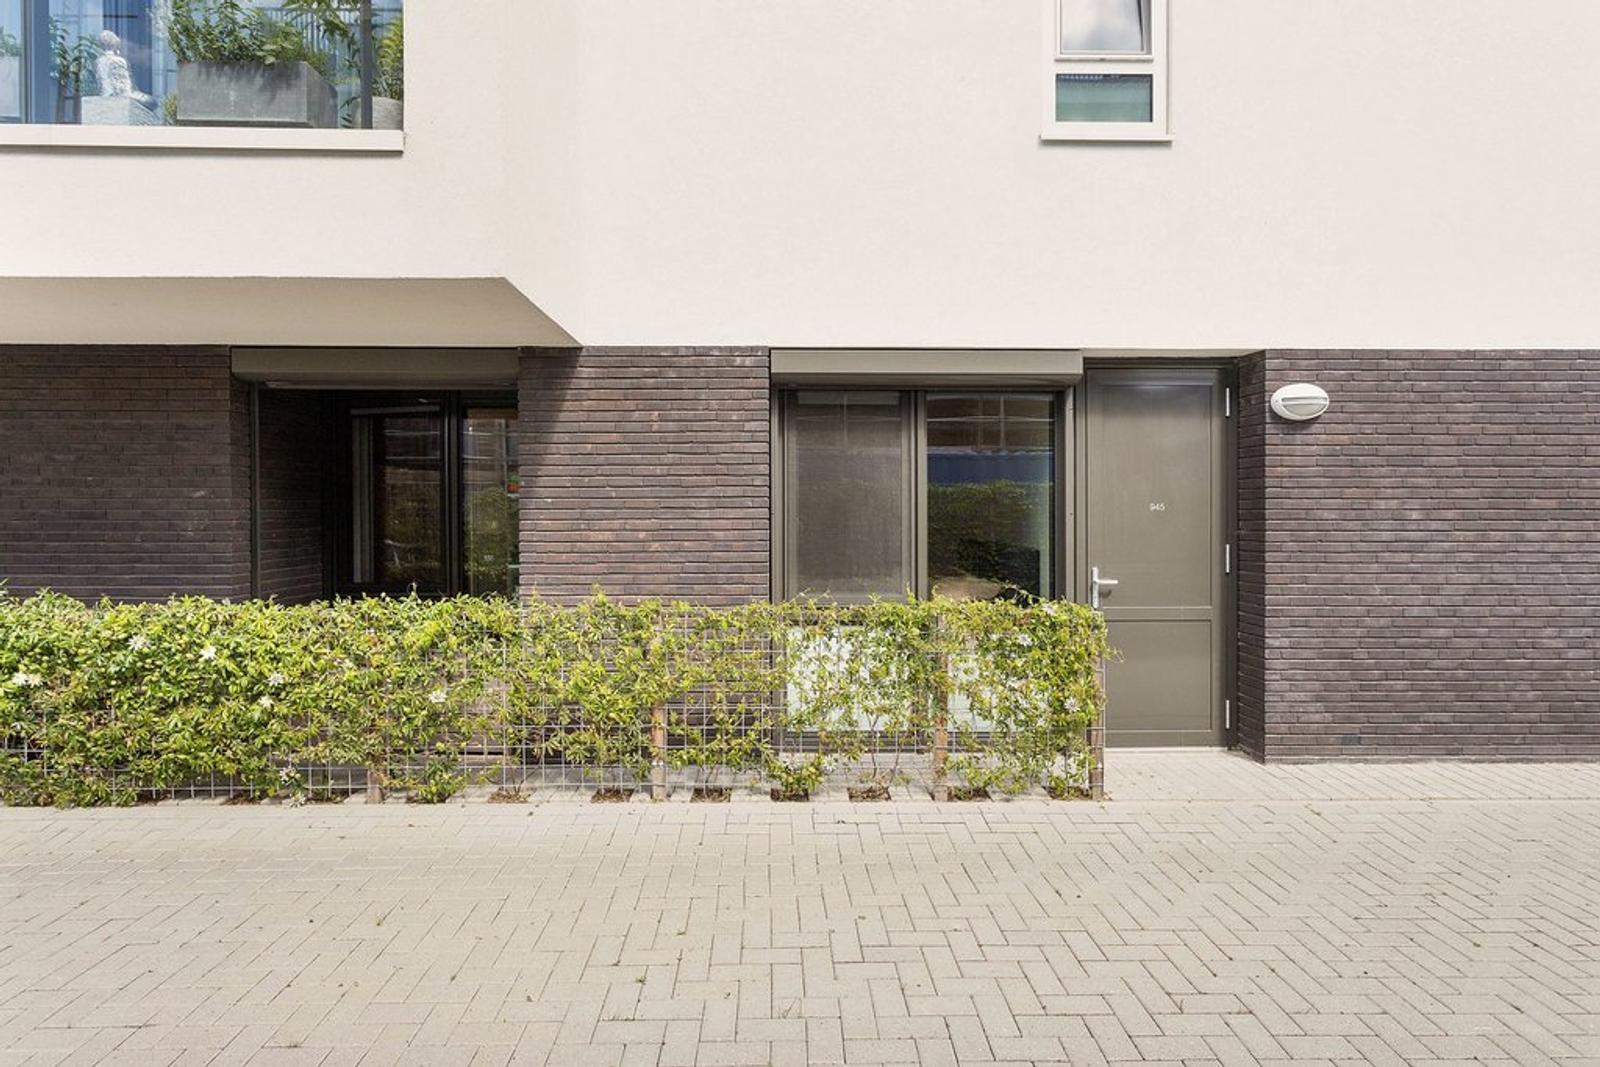 Beneluxlaan 945